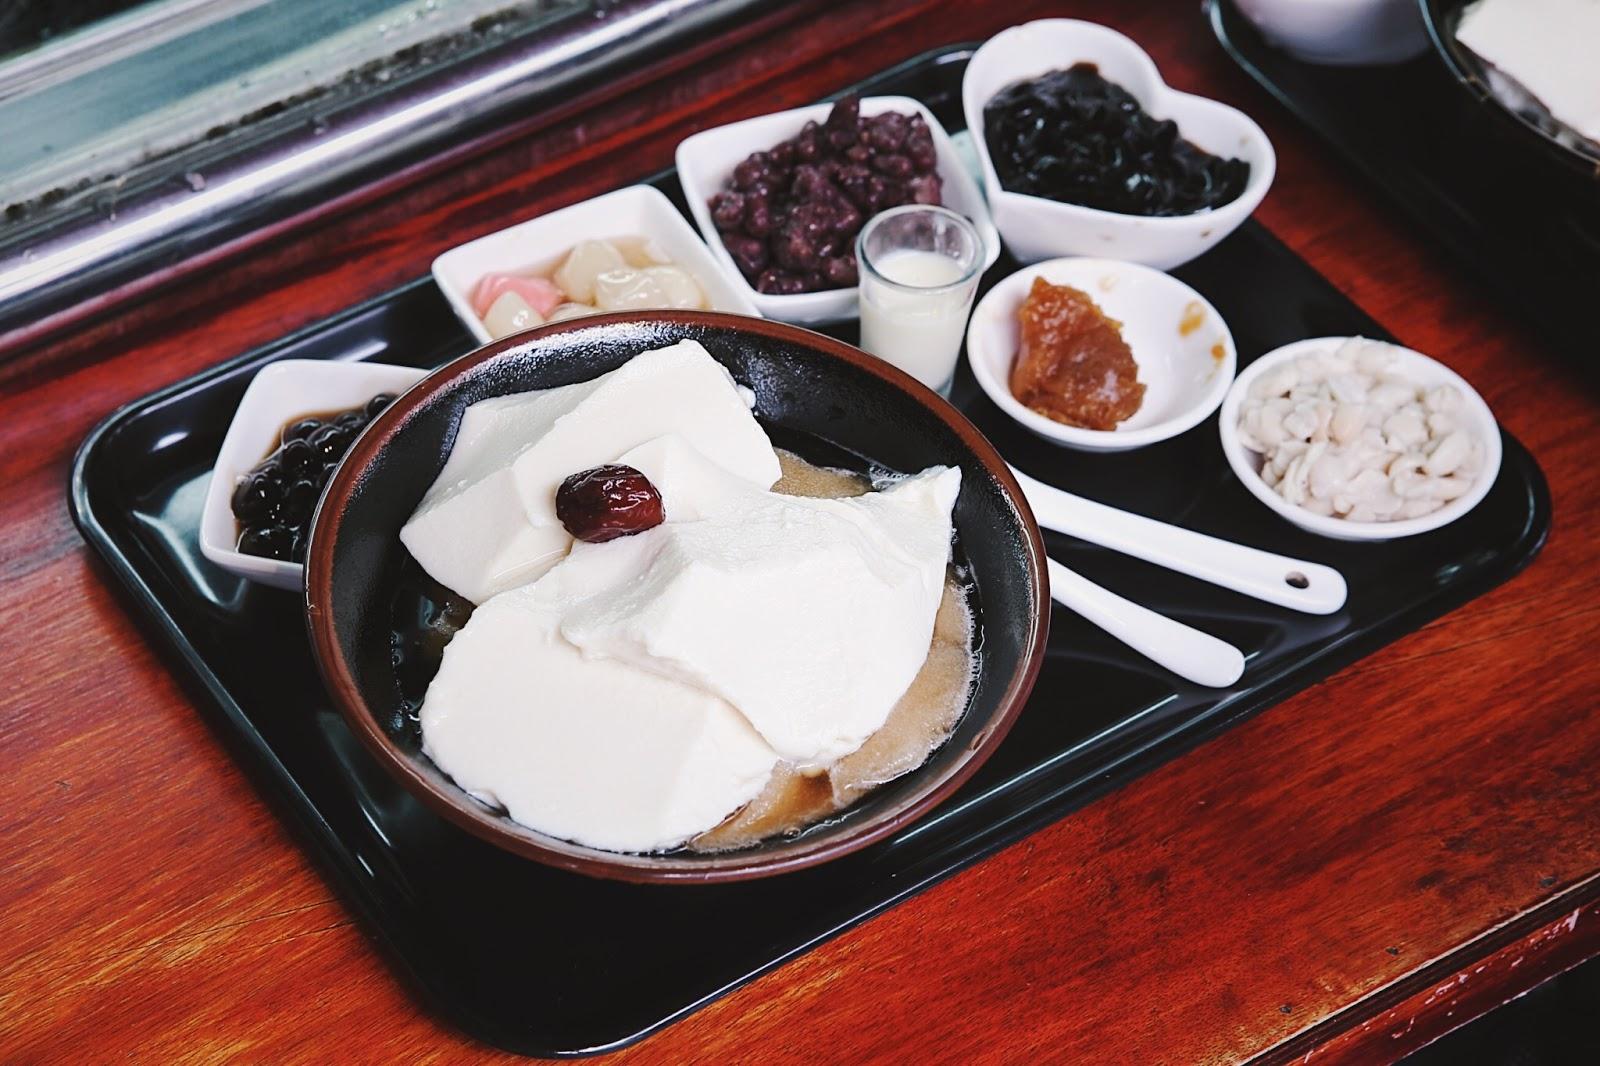 原來豆花|宜蘭市|豐盛實在,如小火鍋般豐盛美好的豆花黑糖冰 - 小食日記